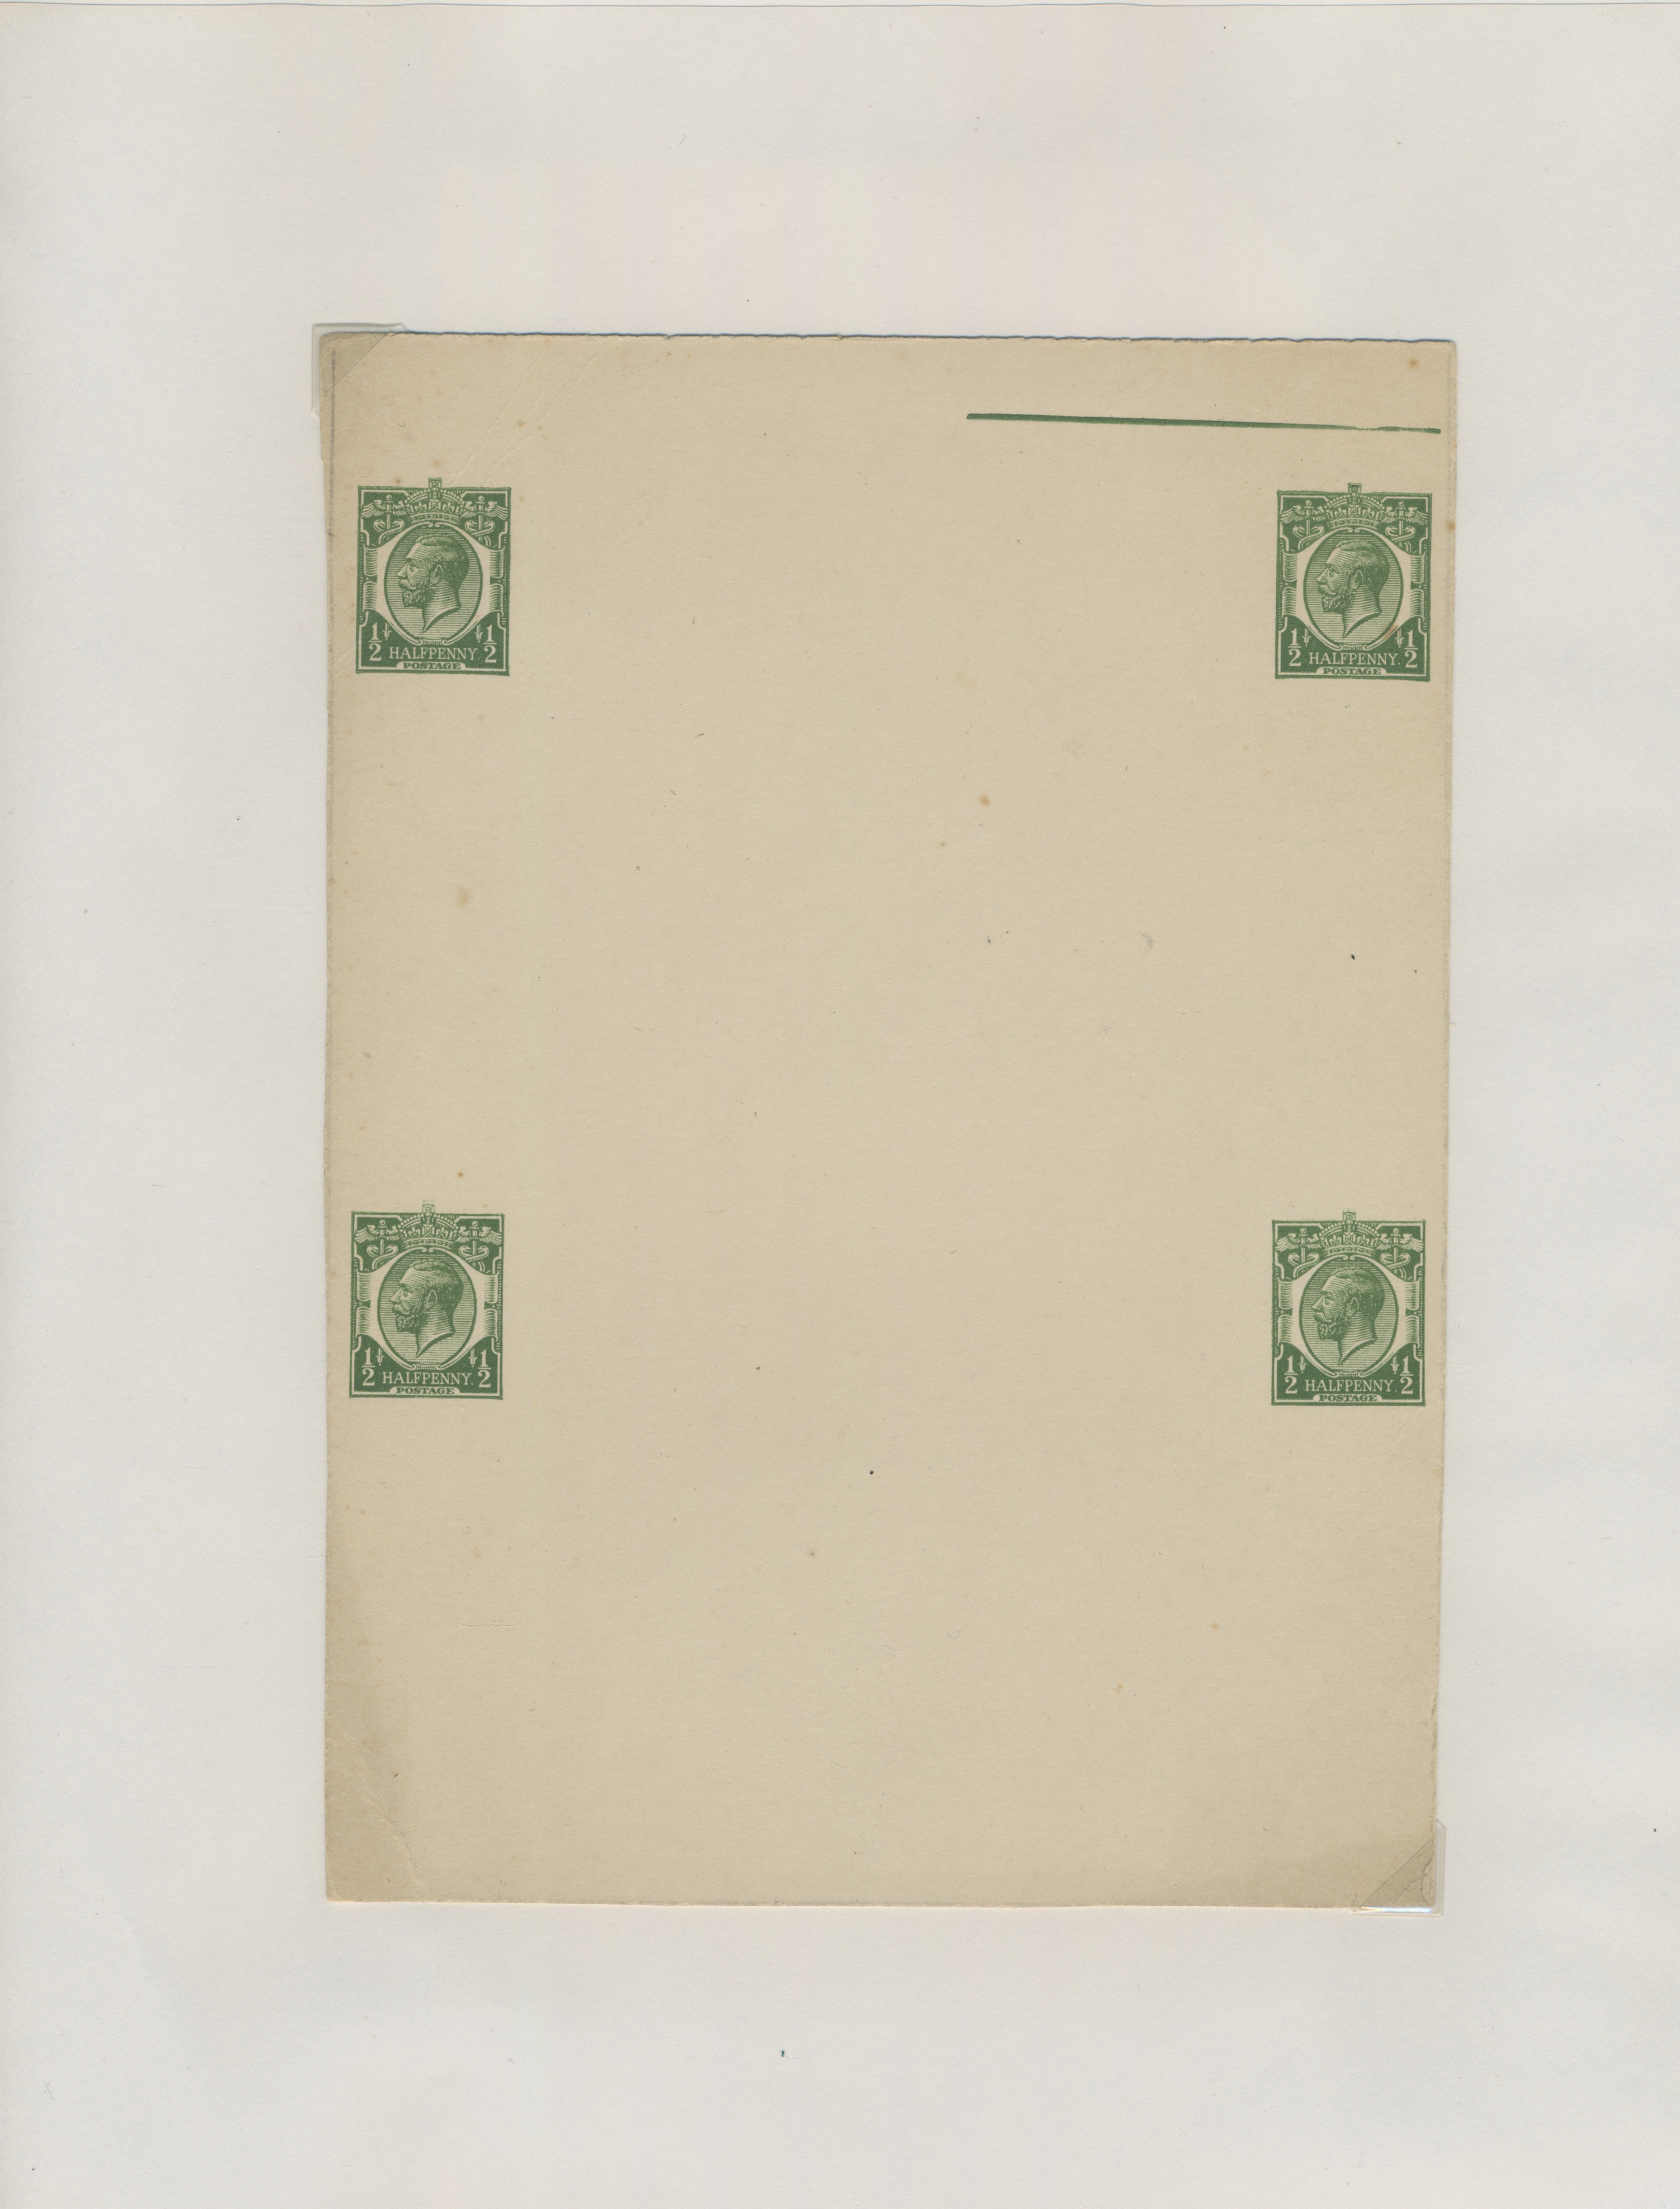 Lot 38409 - Großbritannien - Ganzsachen  -  Auktionshaus Christoph Gärtner GmbH & Co. KG Sale #43 Collection Peter Zgonc - German Occupations WWII   Day 7